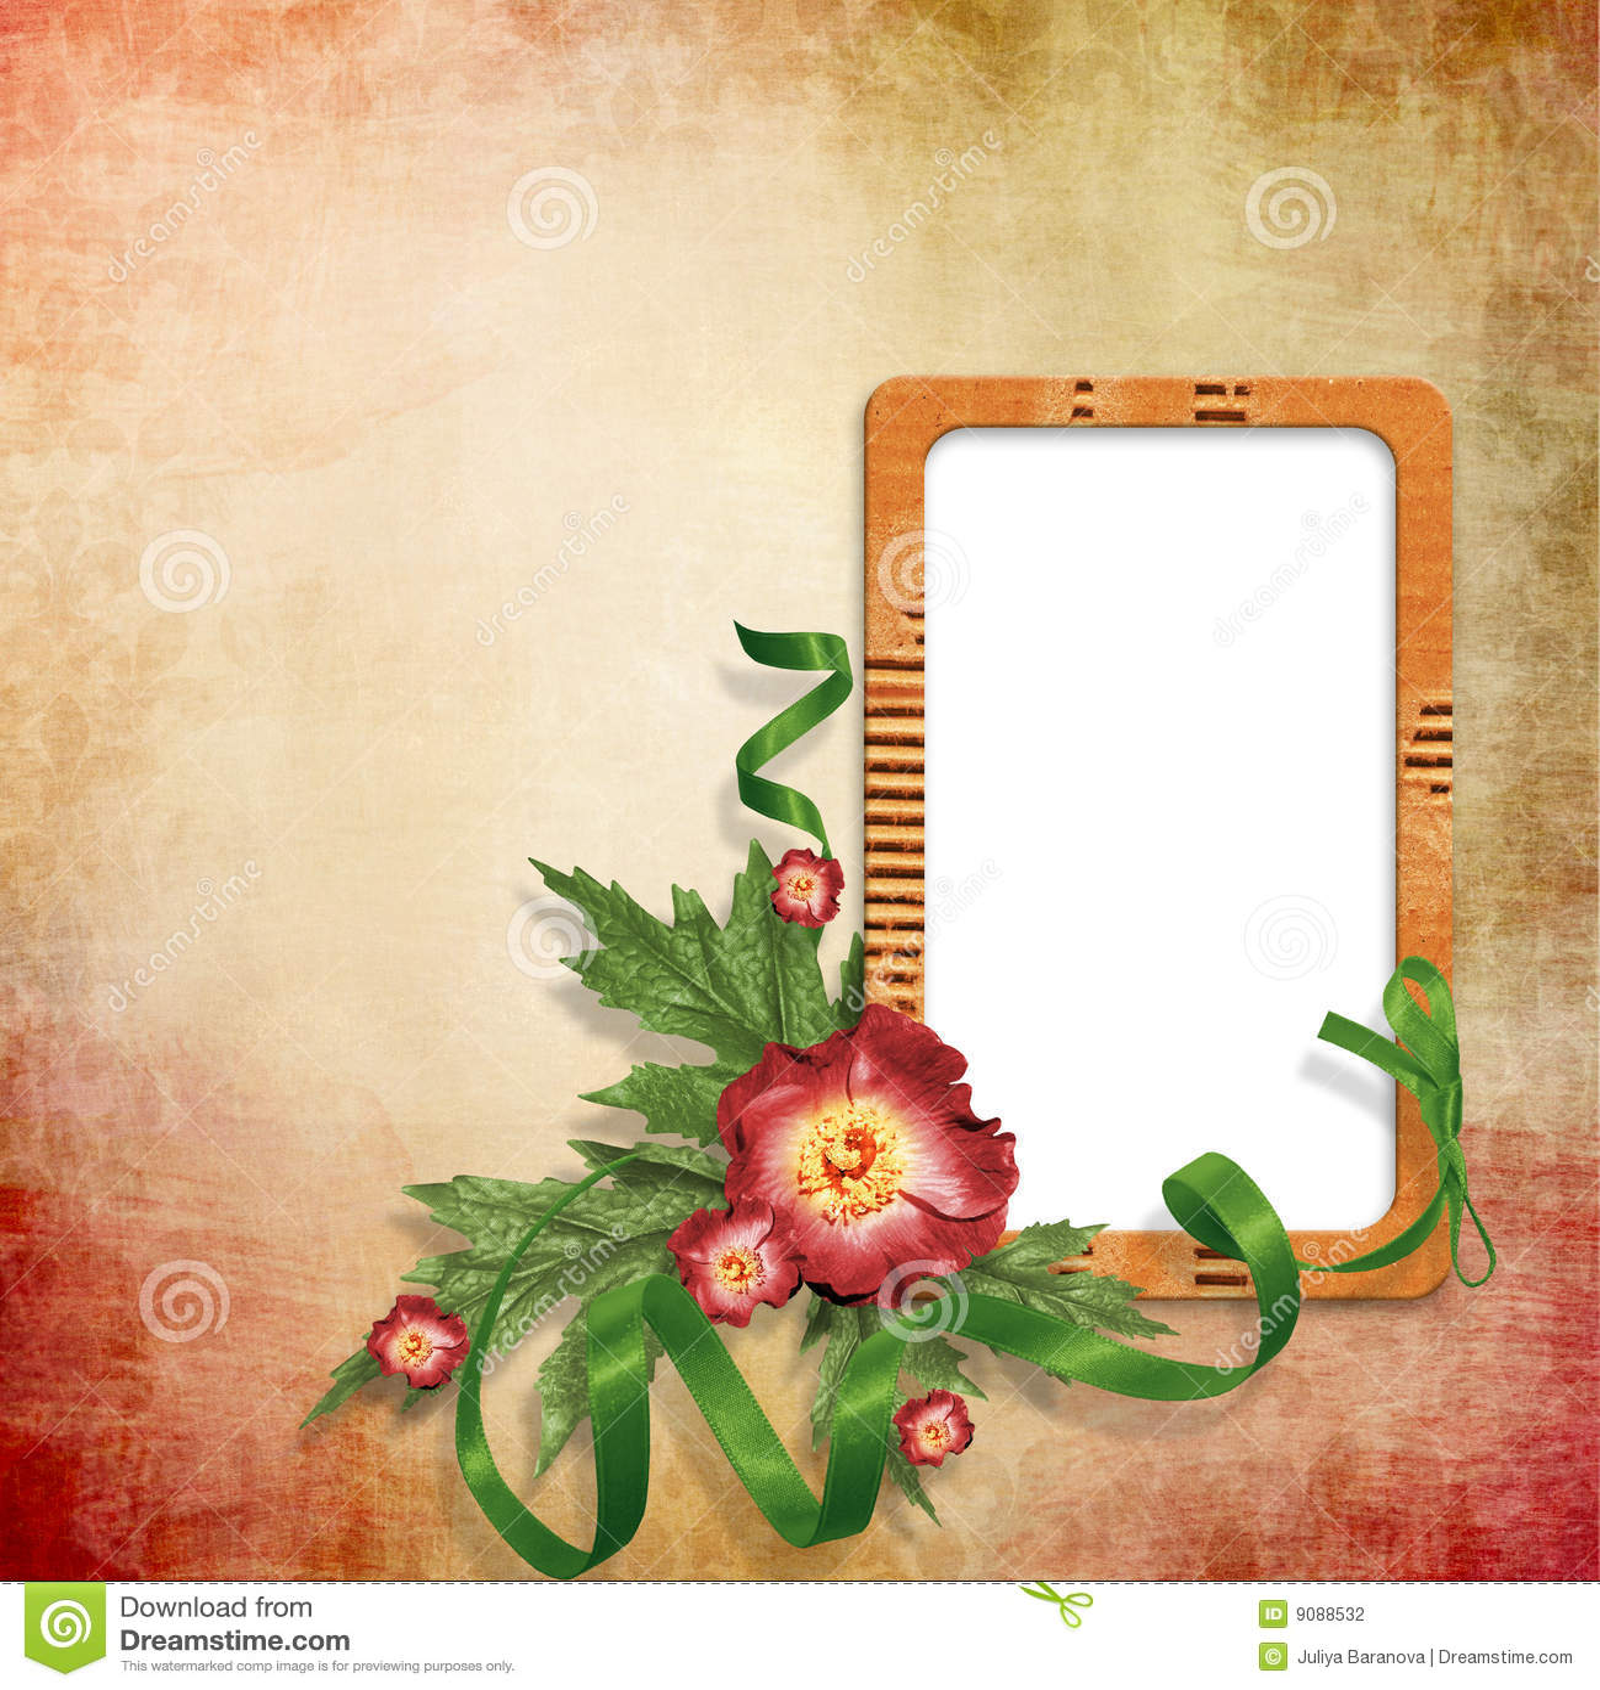 Hintergrund mit leerem Bilderrahmen mit Blumen